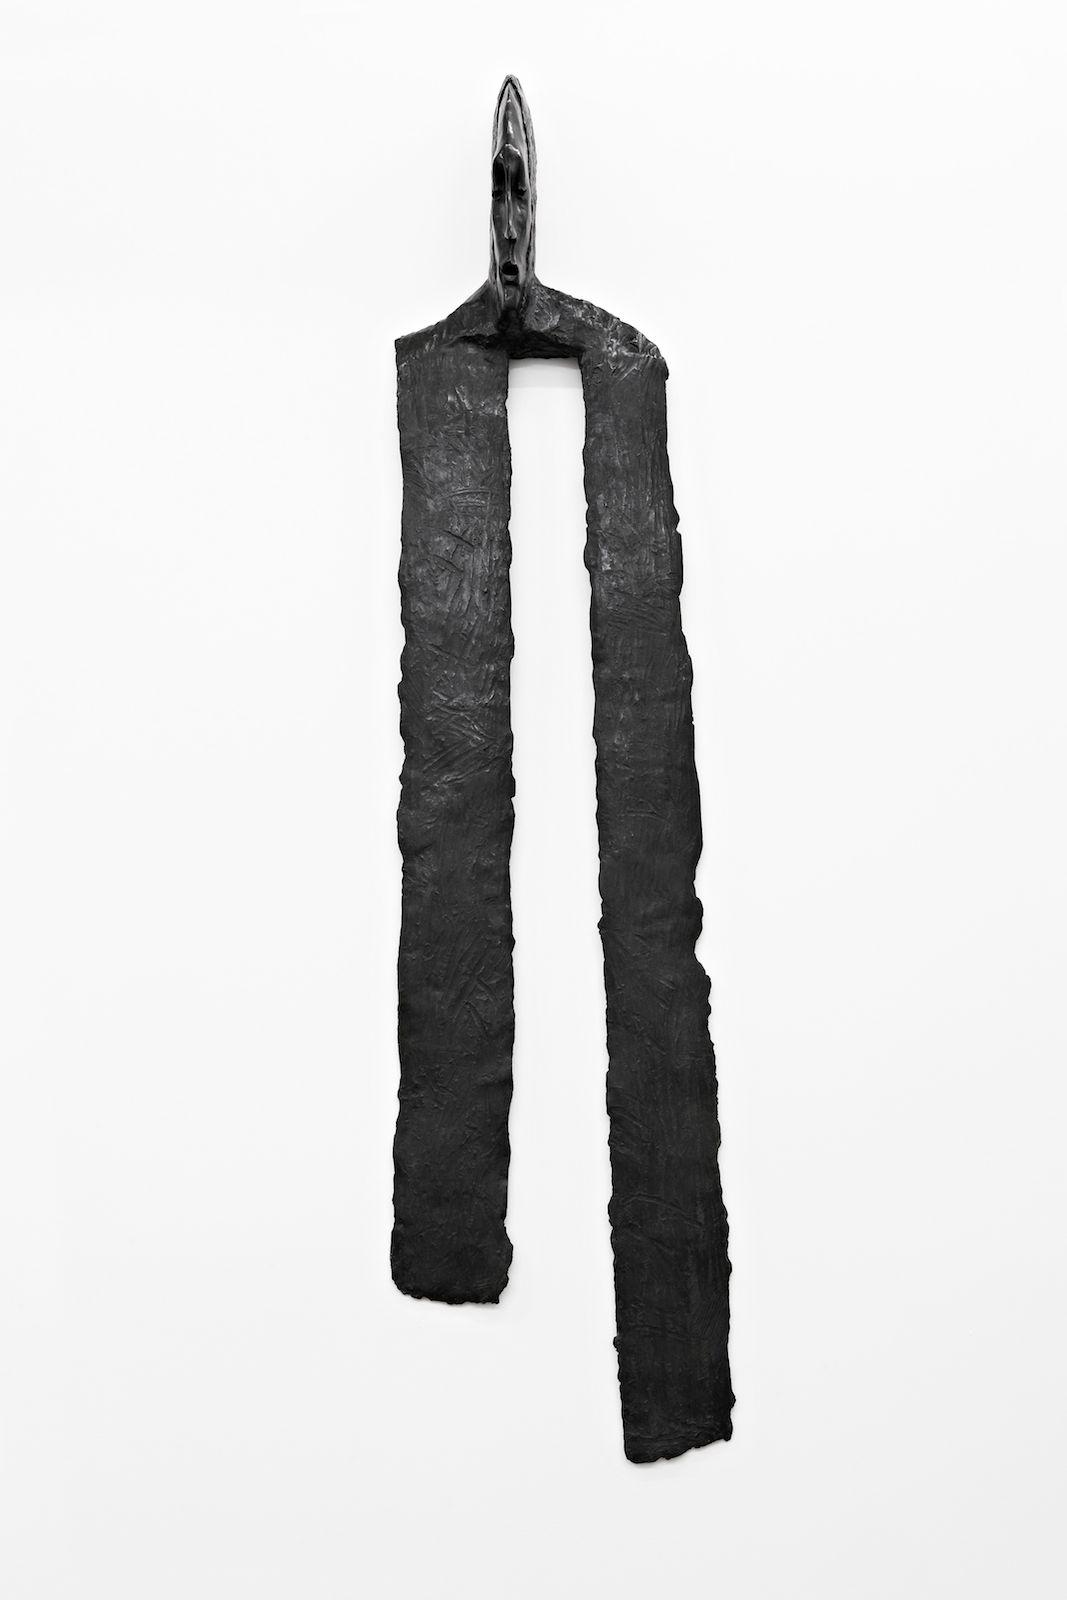 Klær til veggene III, 2009, patinated bronze, 173 x 41 x 17.5 cm